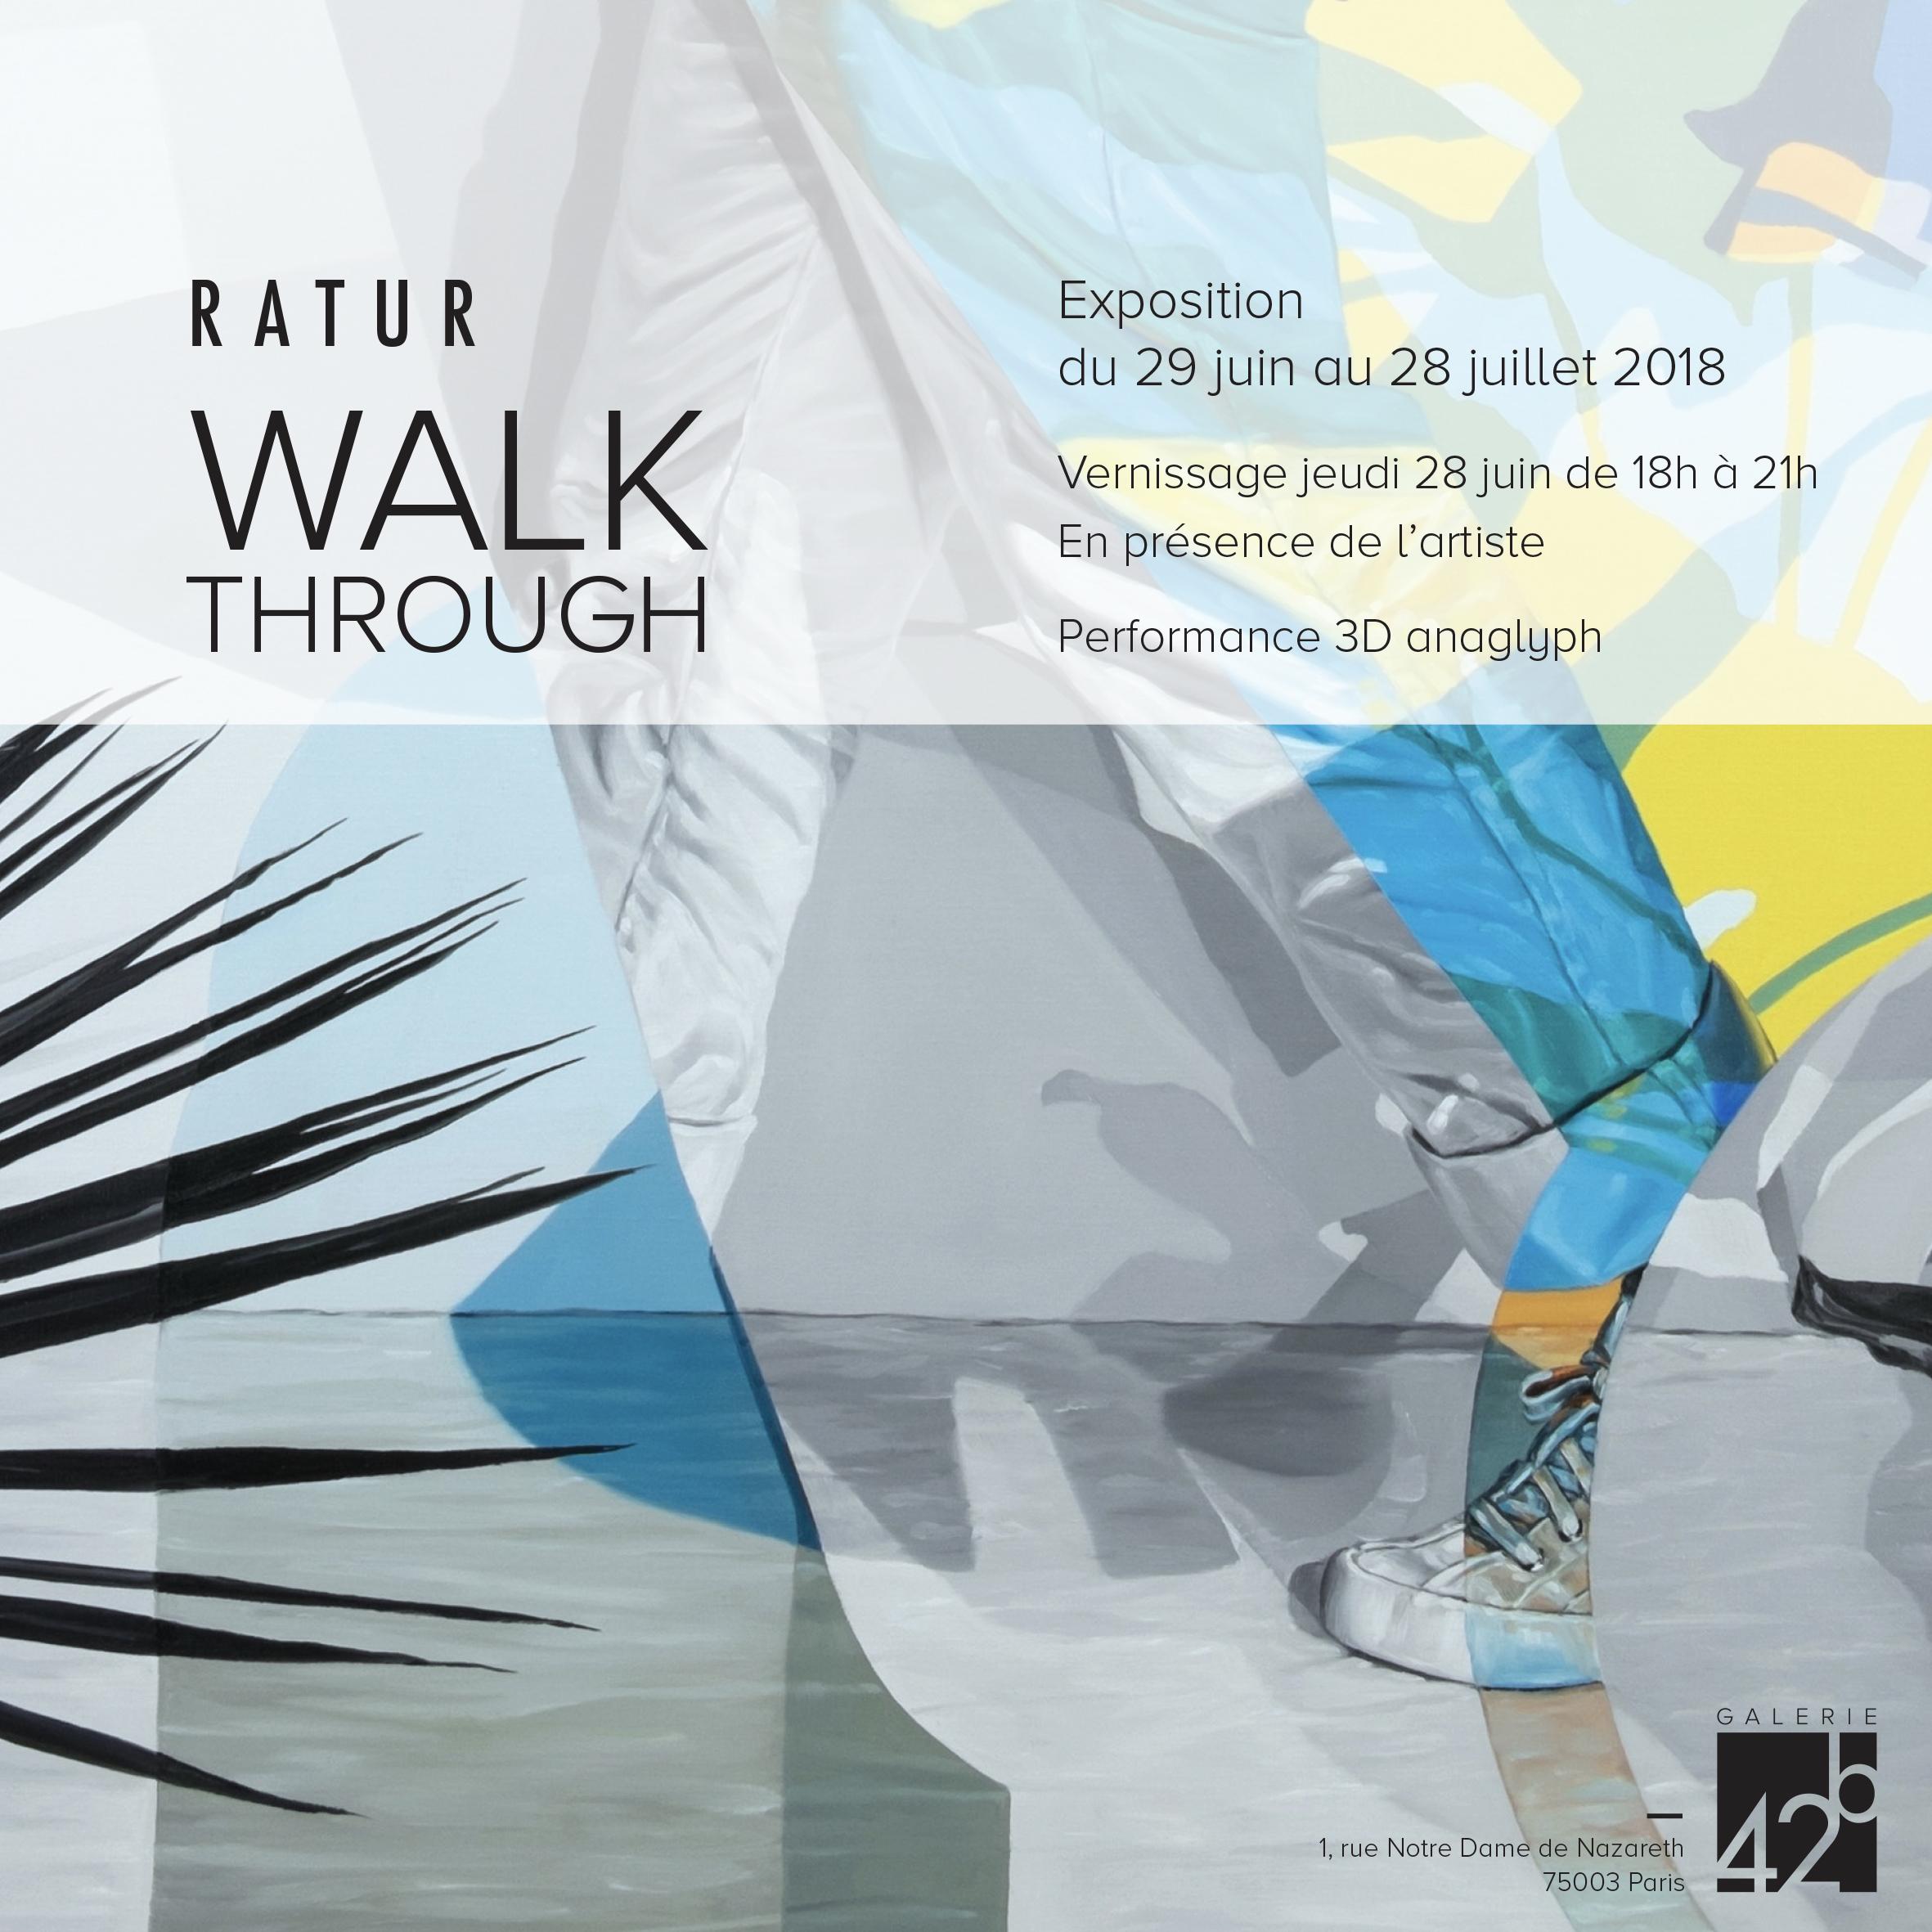 Invitation RATUR - WALK THROUGH